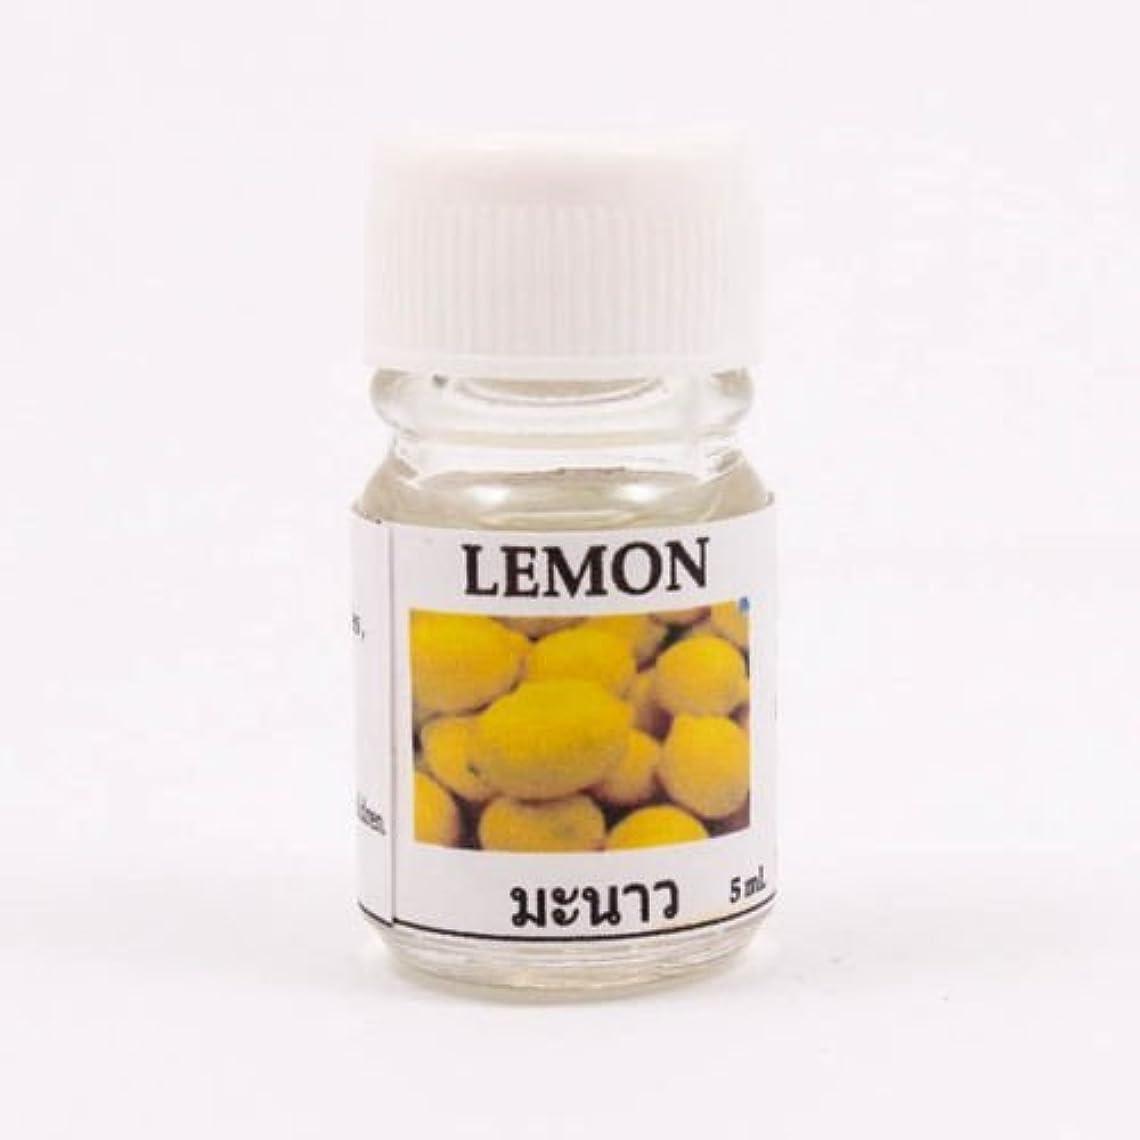 堀逃す芸術6X Lemon Aroma Fragrance Essential Oil 5ML. (cc) Diffuser Burner Therapy